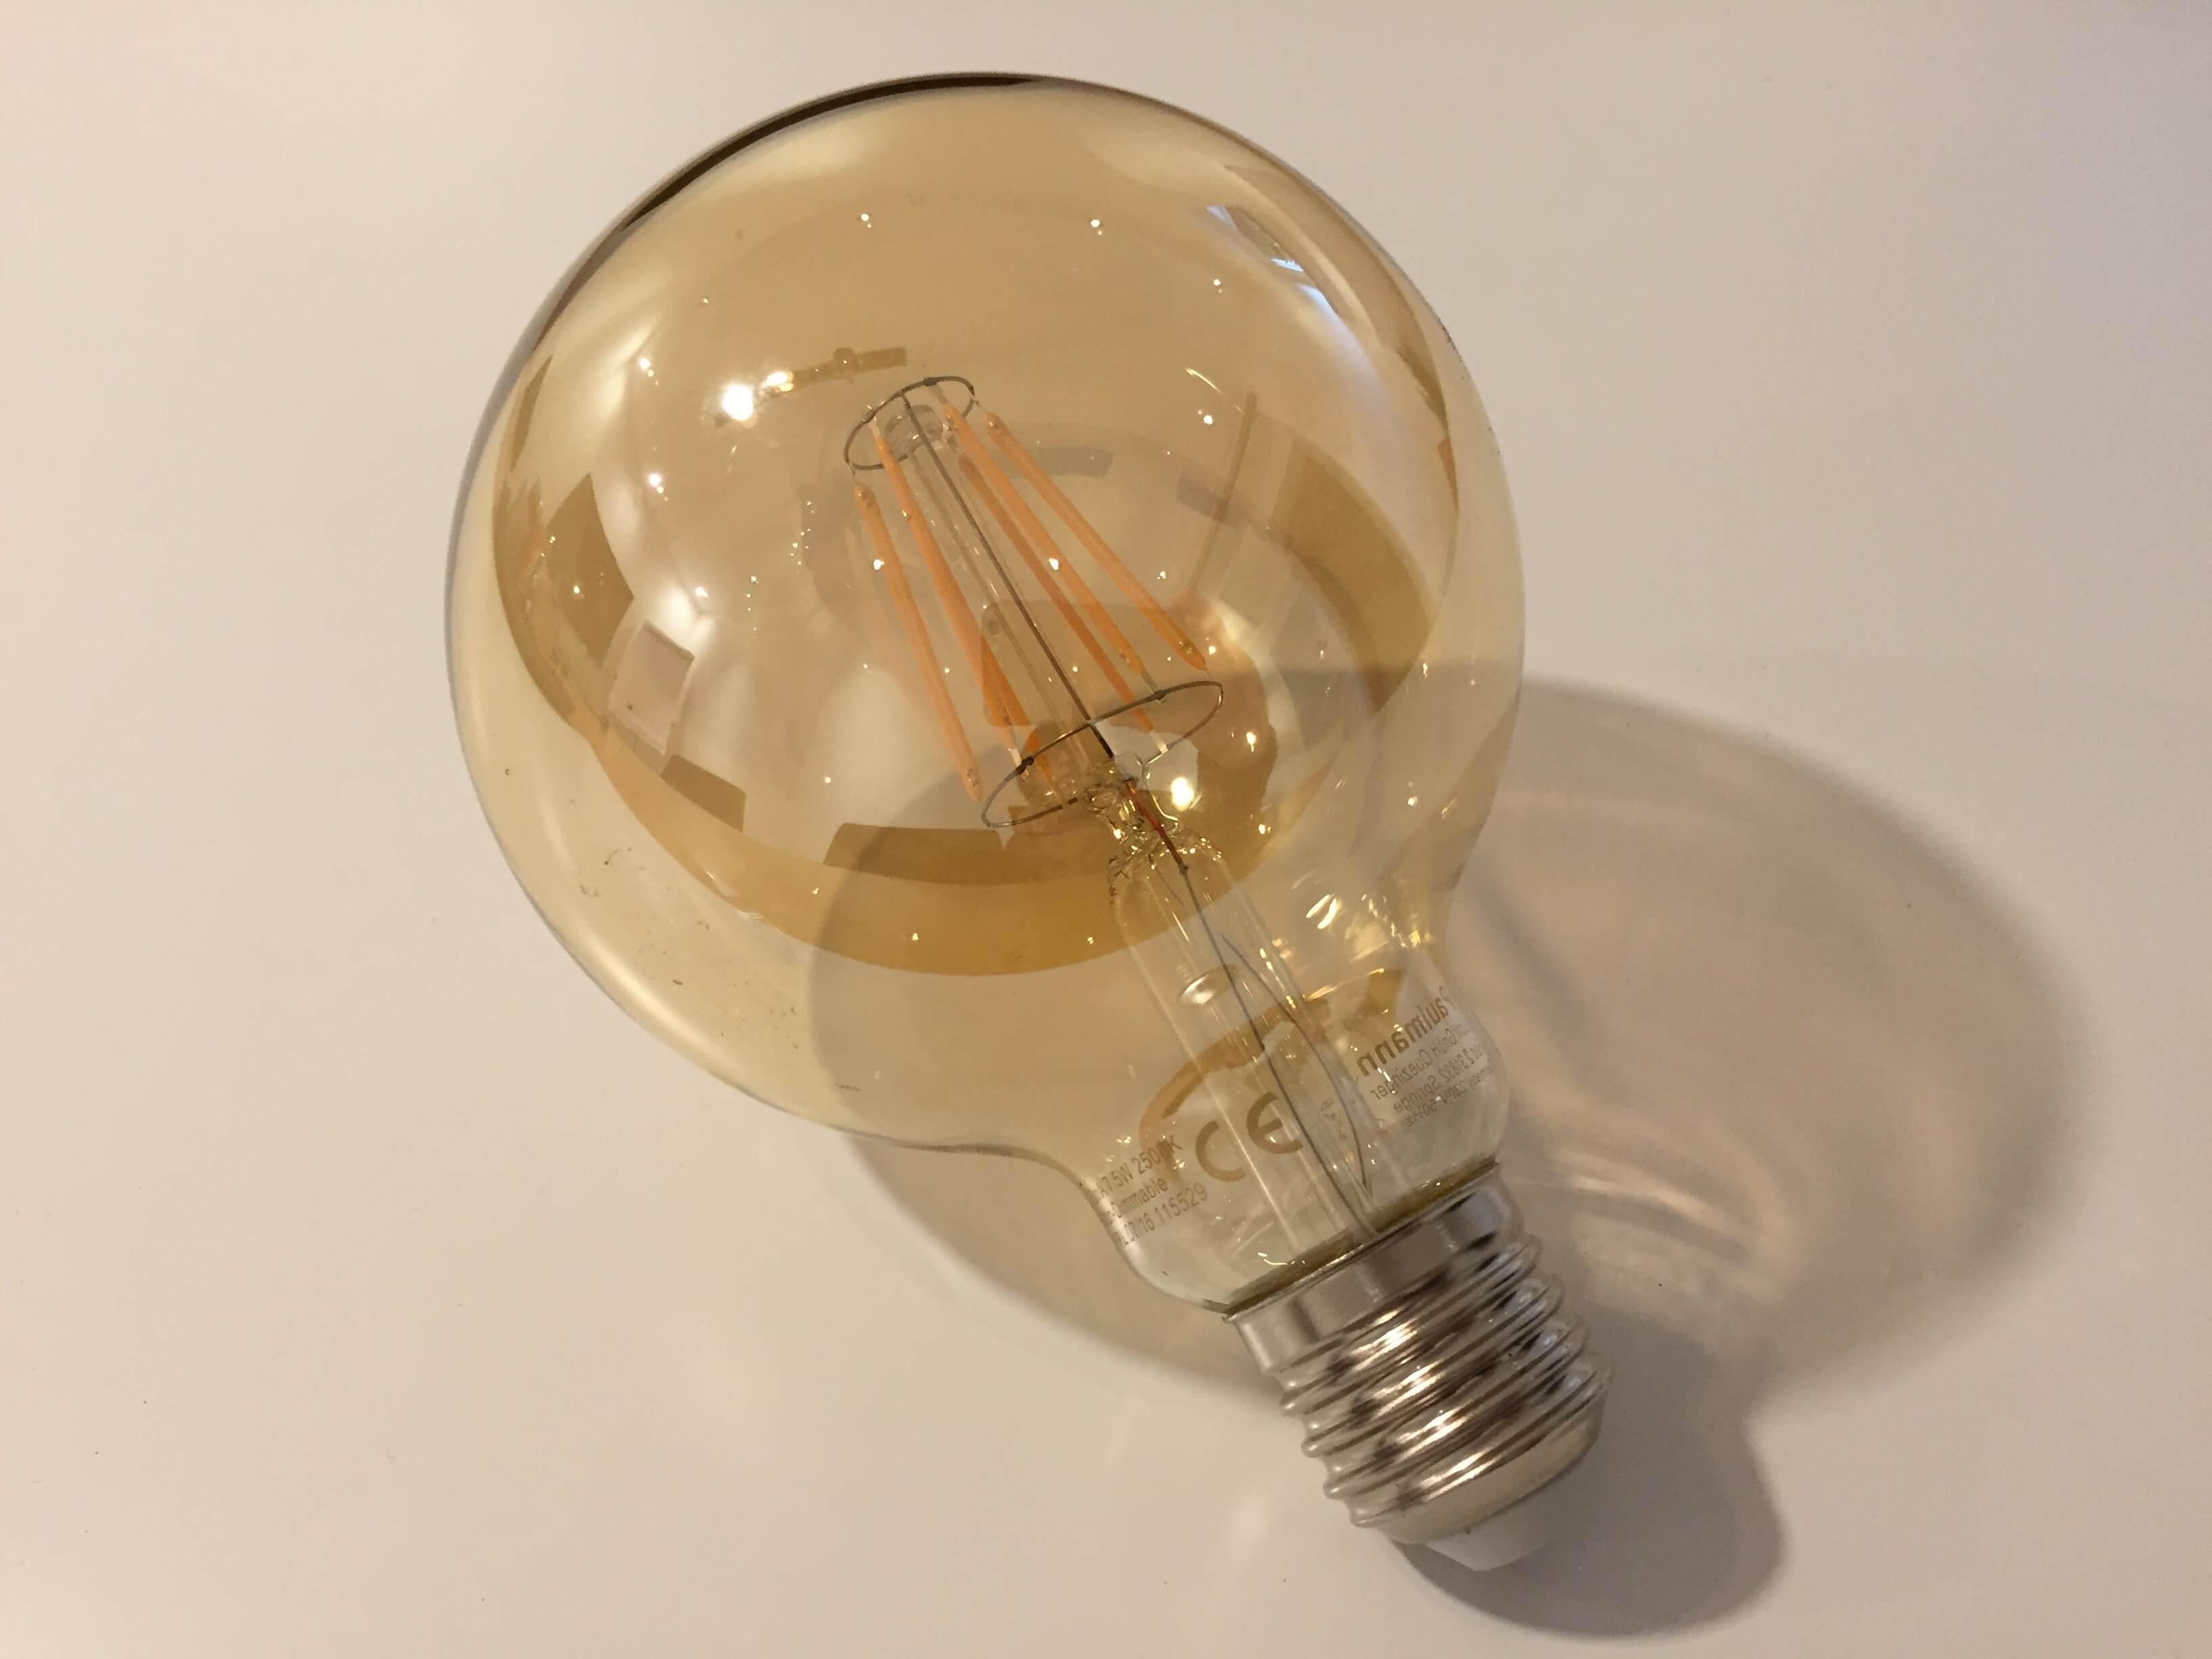 Test Led Weihnachtsbeleuchtung.Weihnachtsbeleuchtung Im Test Paulmann Goldlicht Led